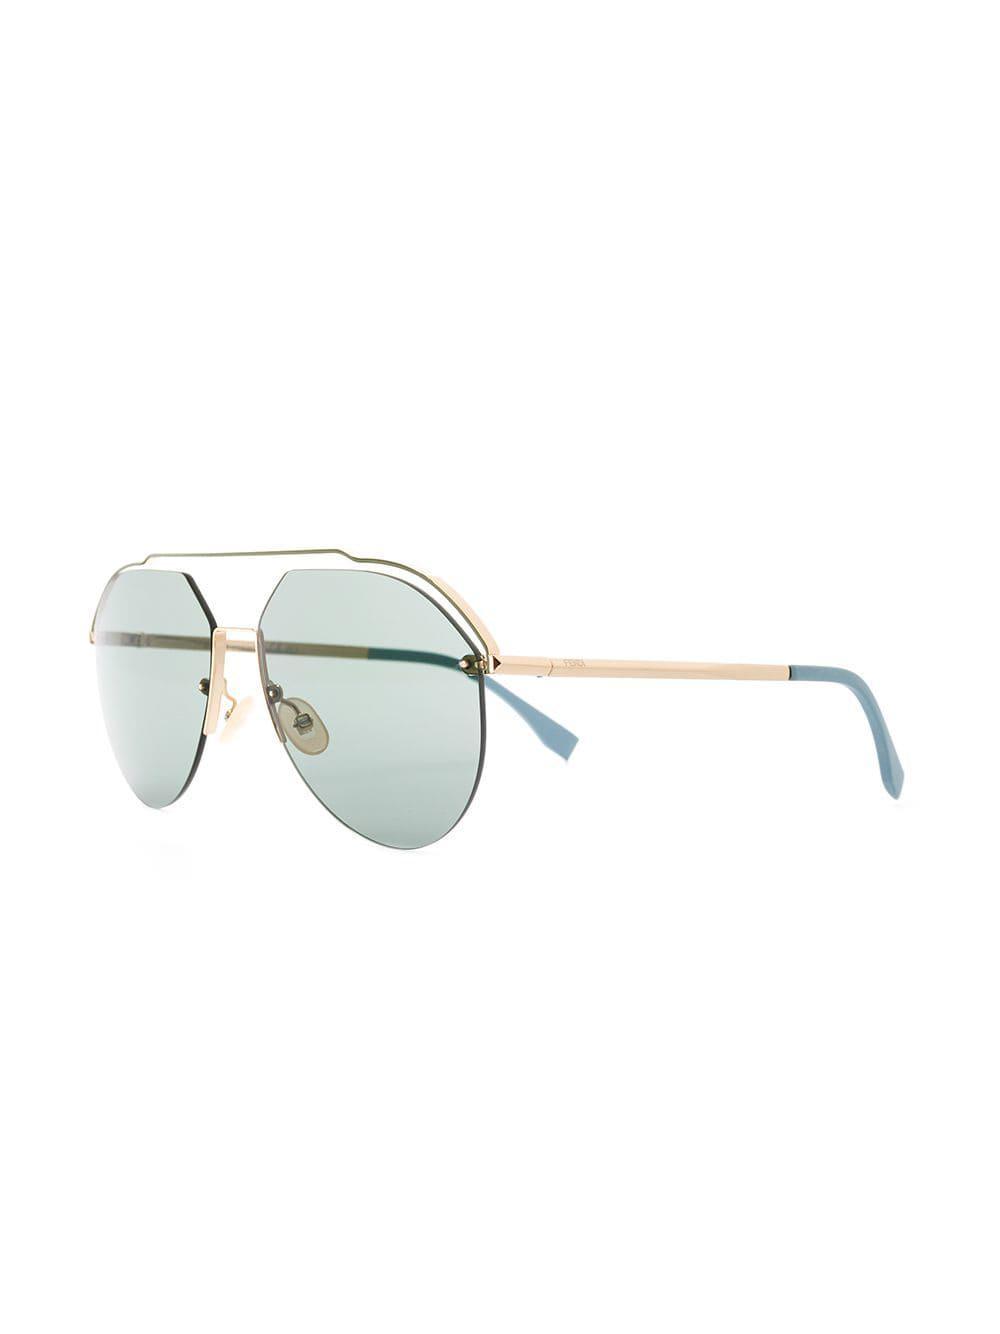 a704f9d2a4 Fendi Aviator Sunglasses in Blue for Men - Lyst